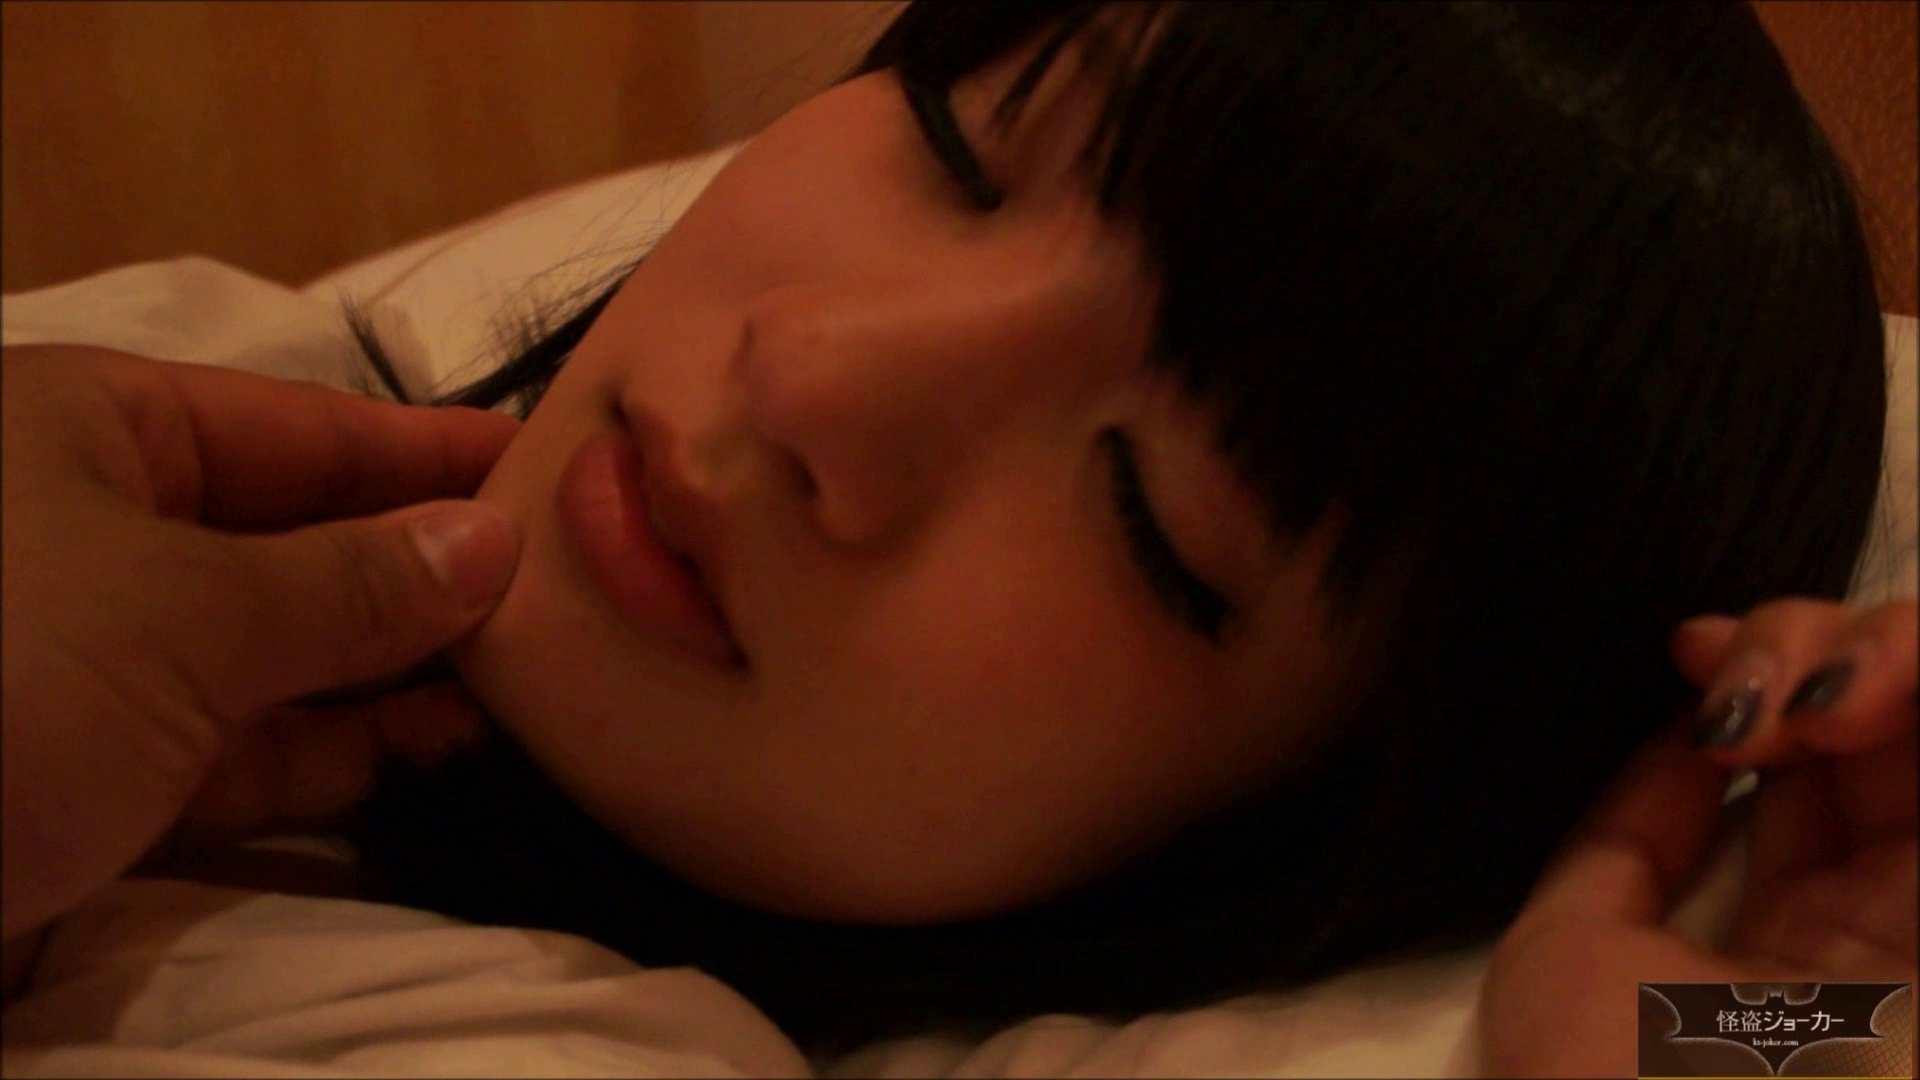 【未公開】vol.30 完全なる目民り姫になった小春ちゃん。 OL  69pic 10